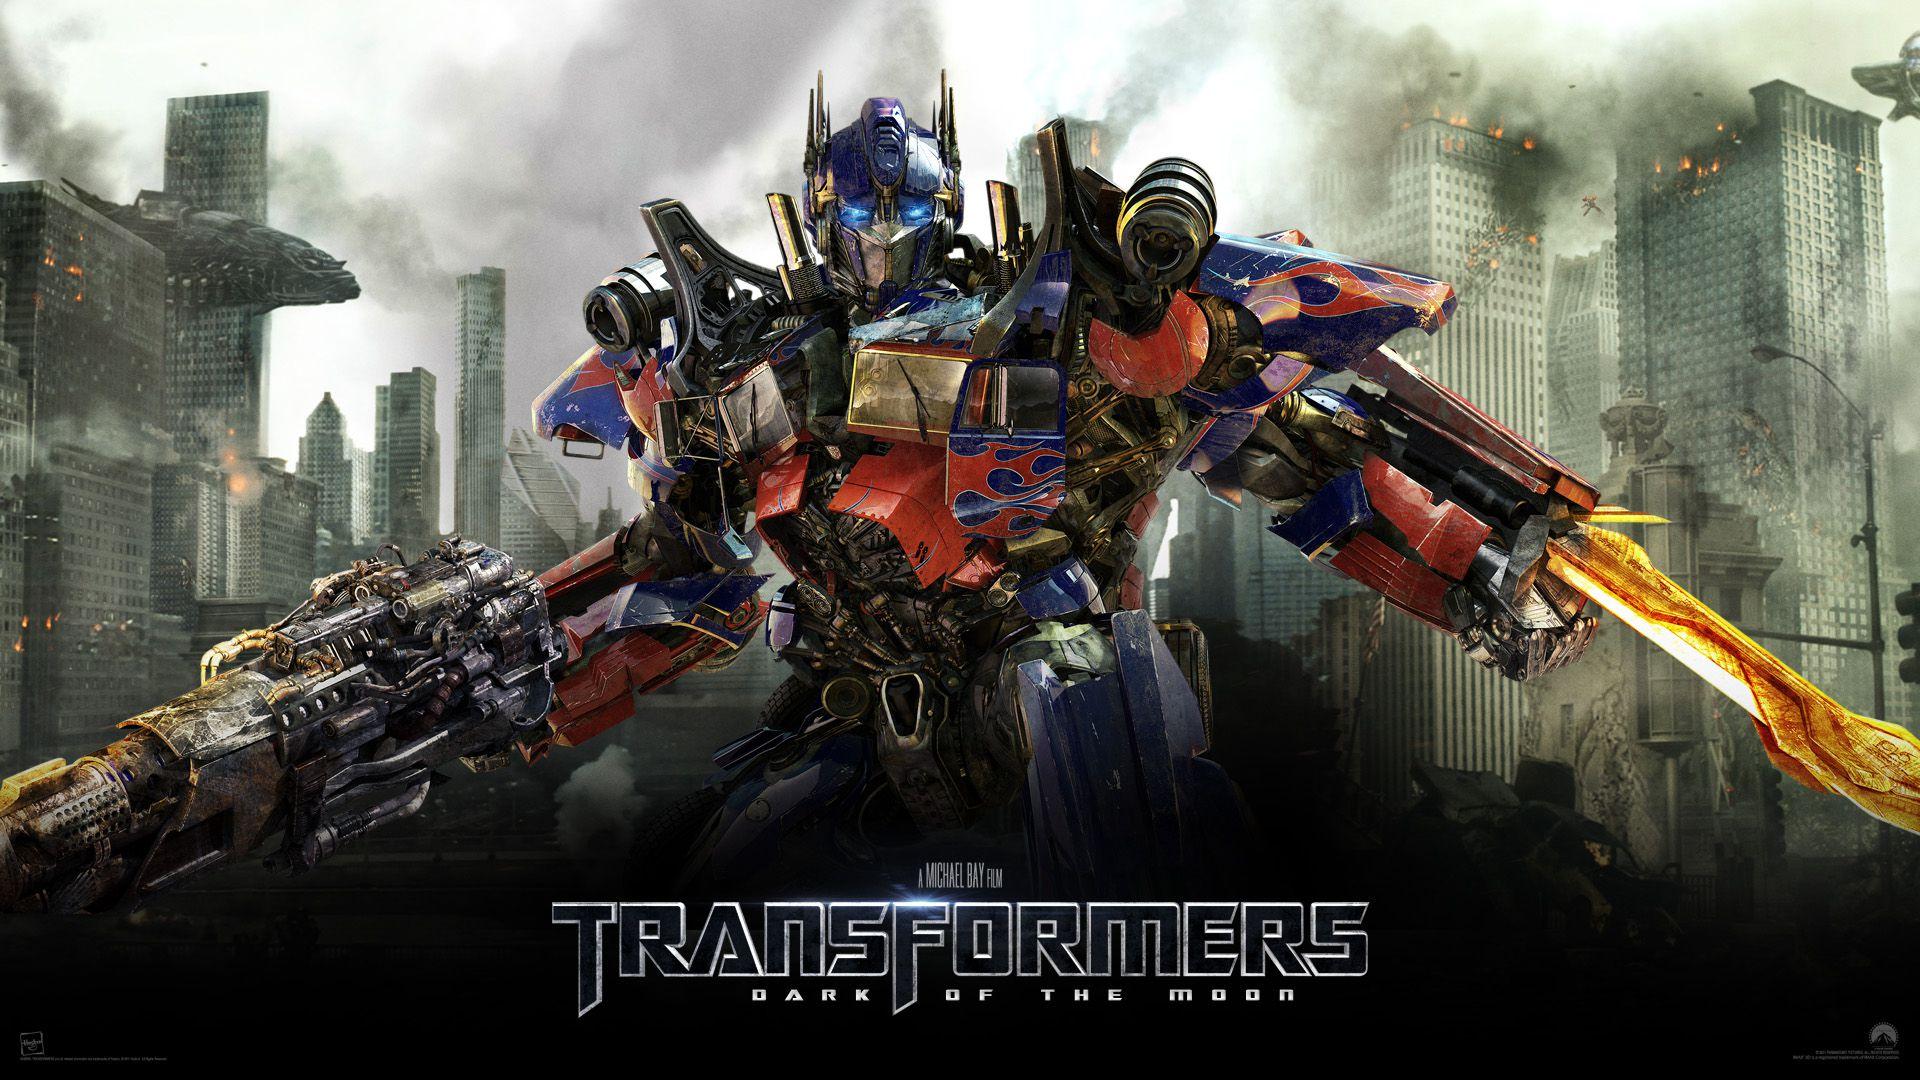 Transformers Classic Desktop Wallpaper - Transformers Optimus Prime Dark Of The Moon - HD Wallpaper